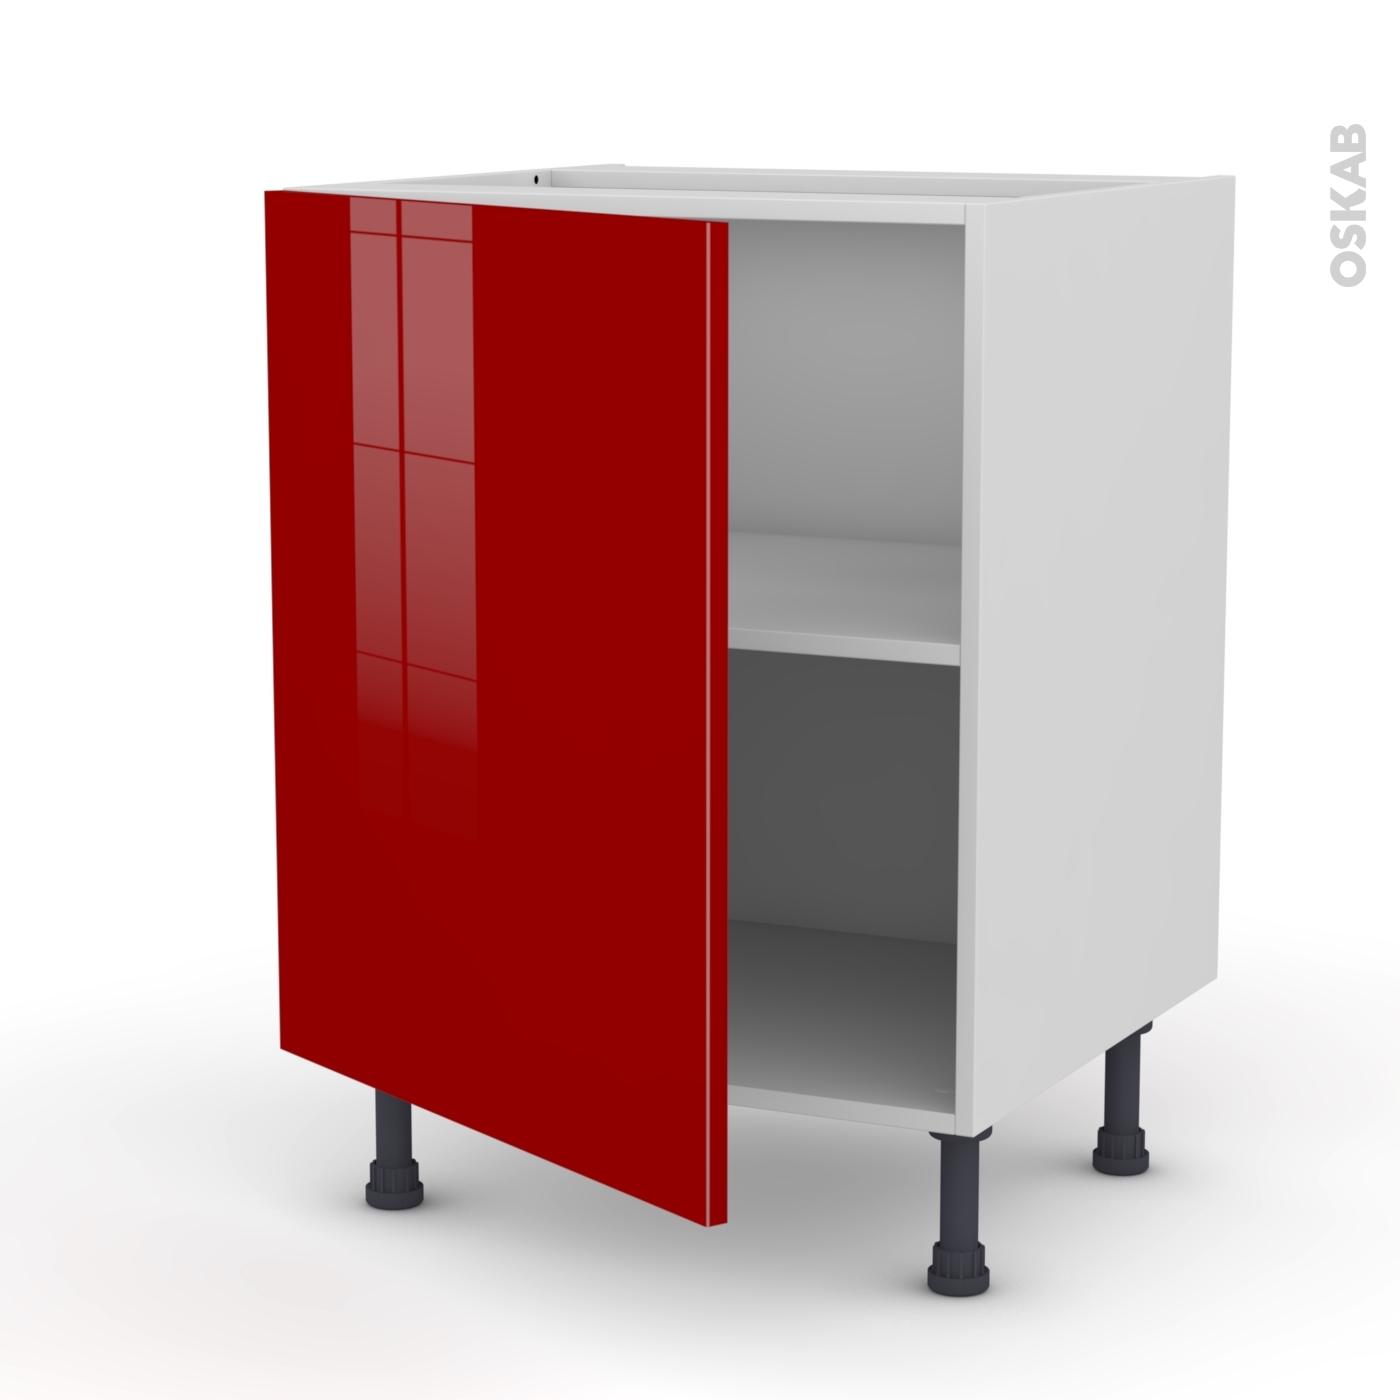 bloc cuisine evier frigo plaque - Bloc Cuisine Evier Frigo Plaque